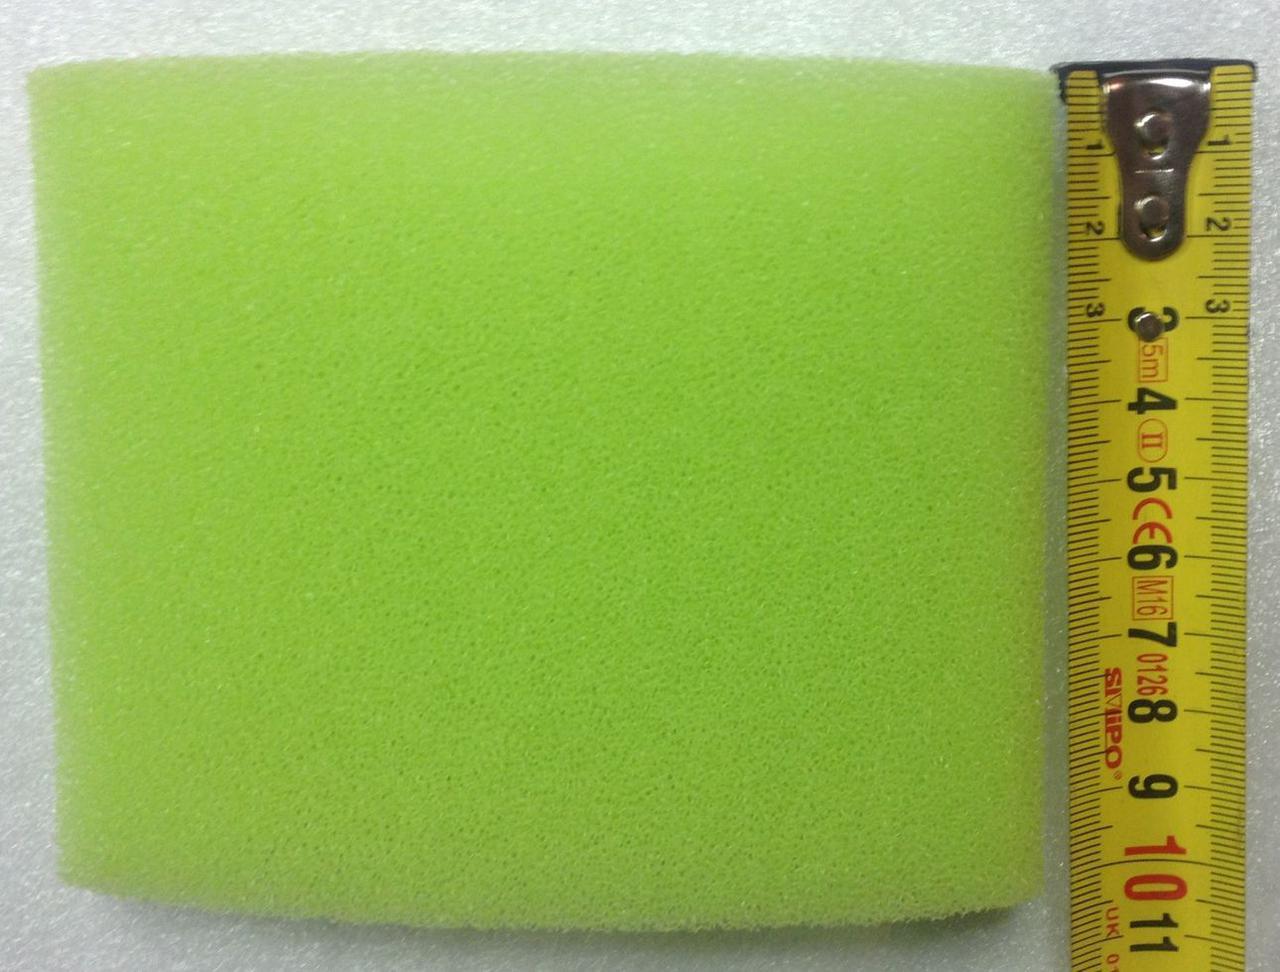 Фильтр поролоновый для влажной уборки пылесоса Zelmer 919.0088 (797694)